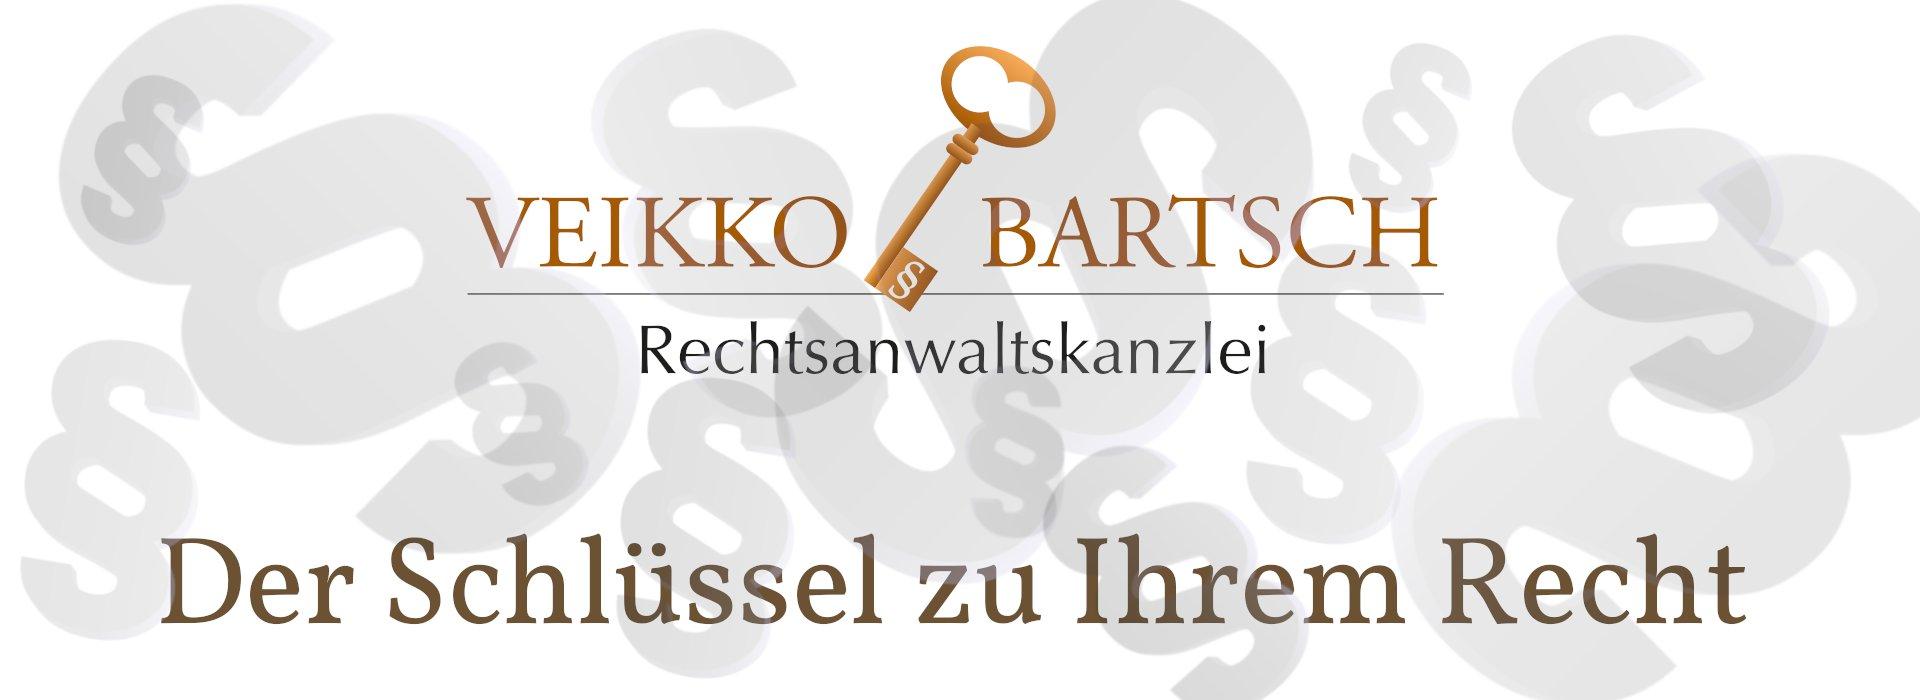 Anwaltskanzlei Veikko Bartsch